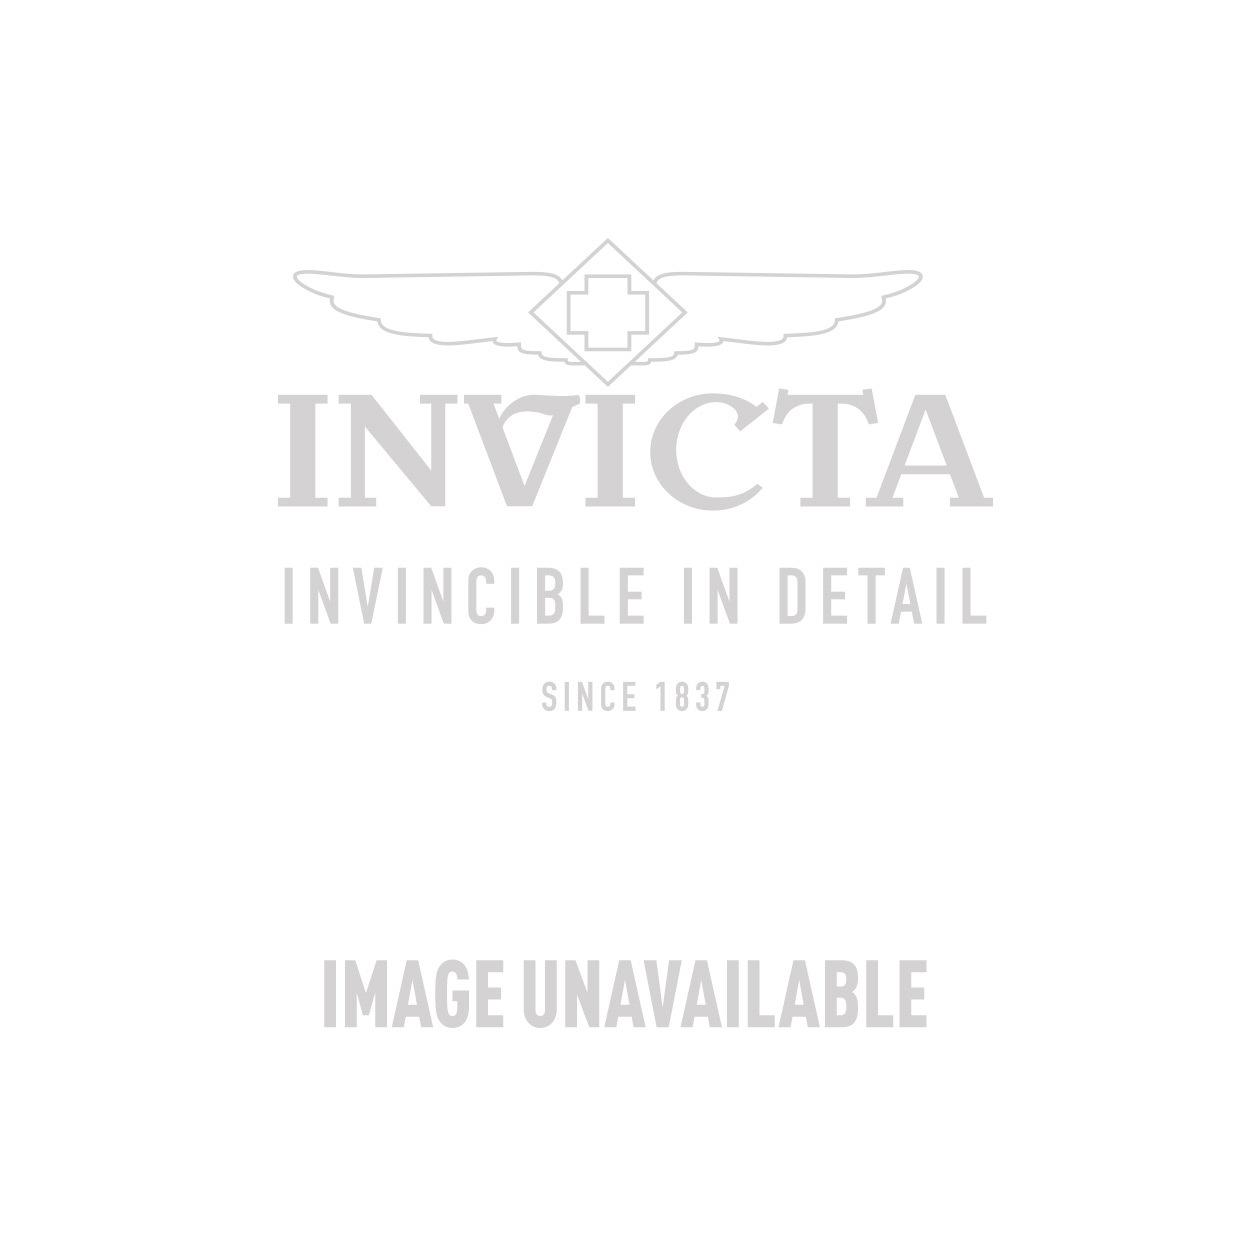 Invicta Model 29401